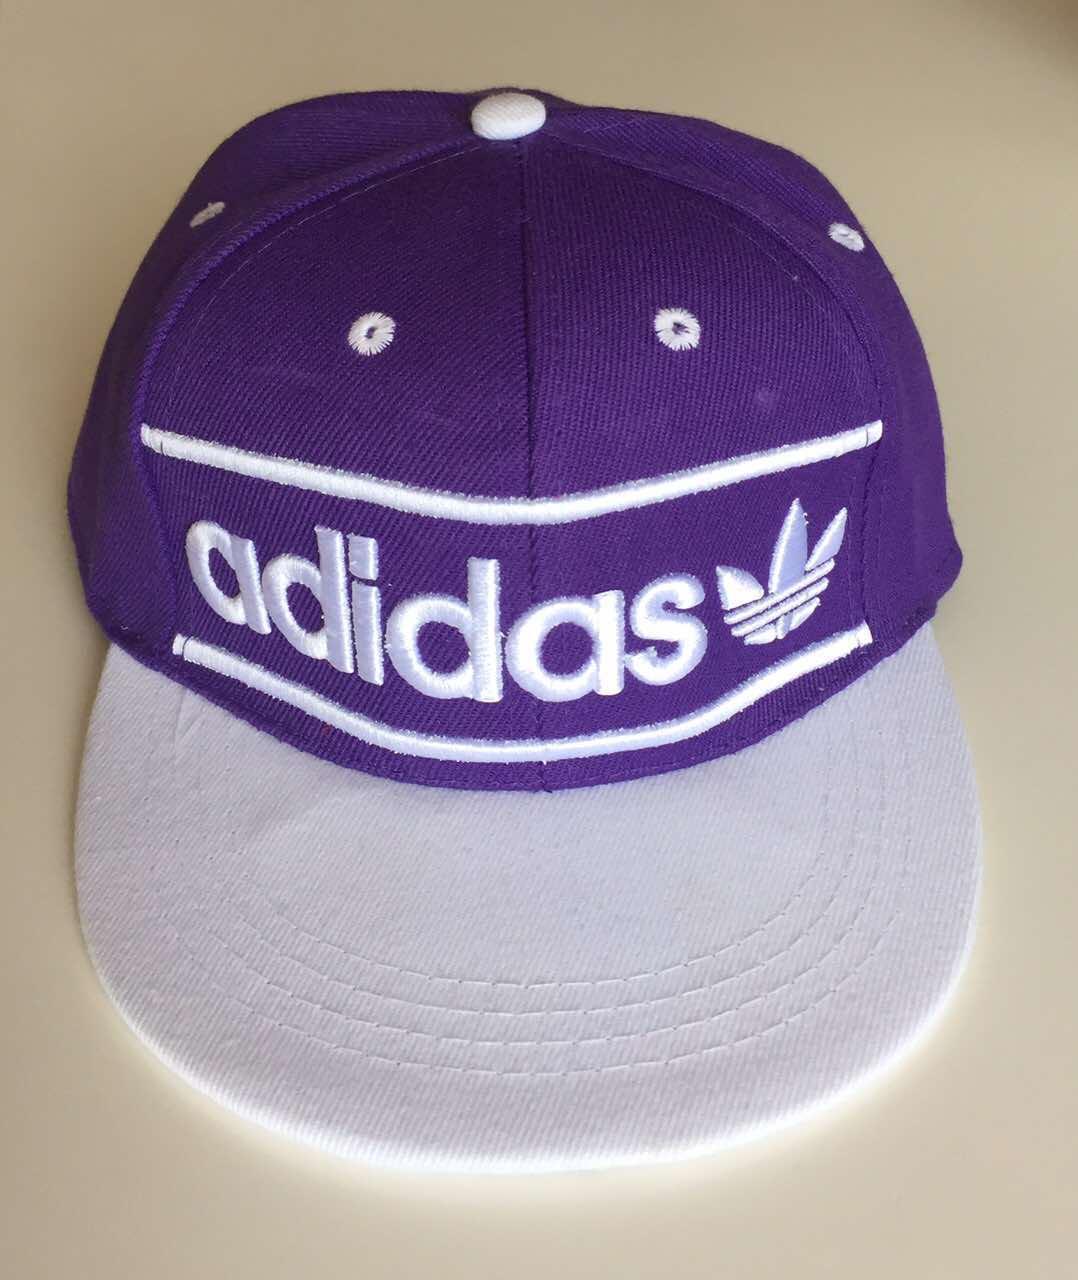 Бейсбольная кепка Adidas с логотипом (Прямой козырек)  - Евро-Топ в Киеве